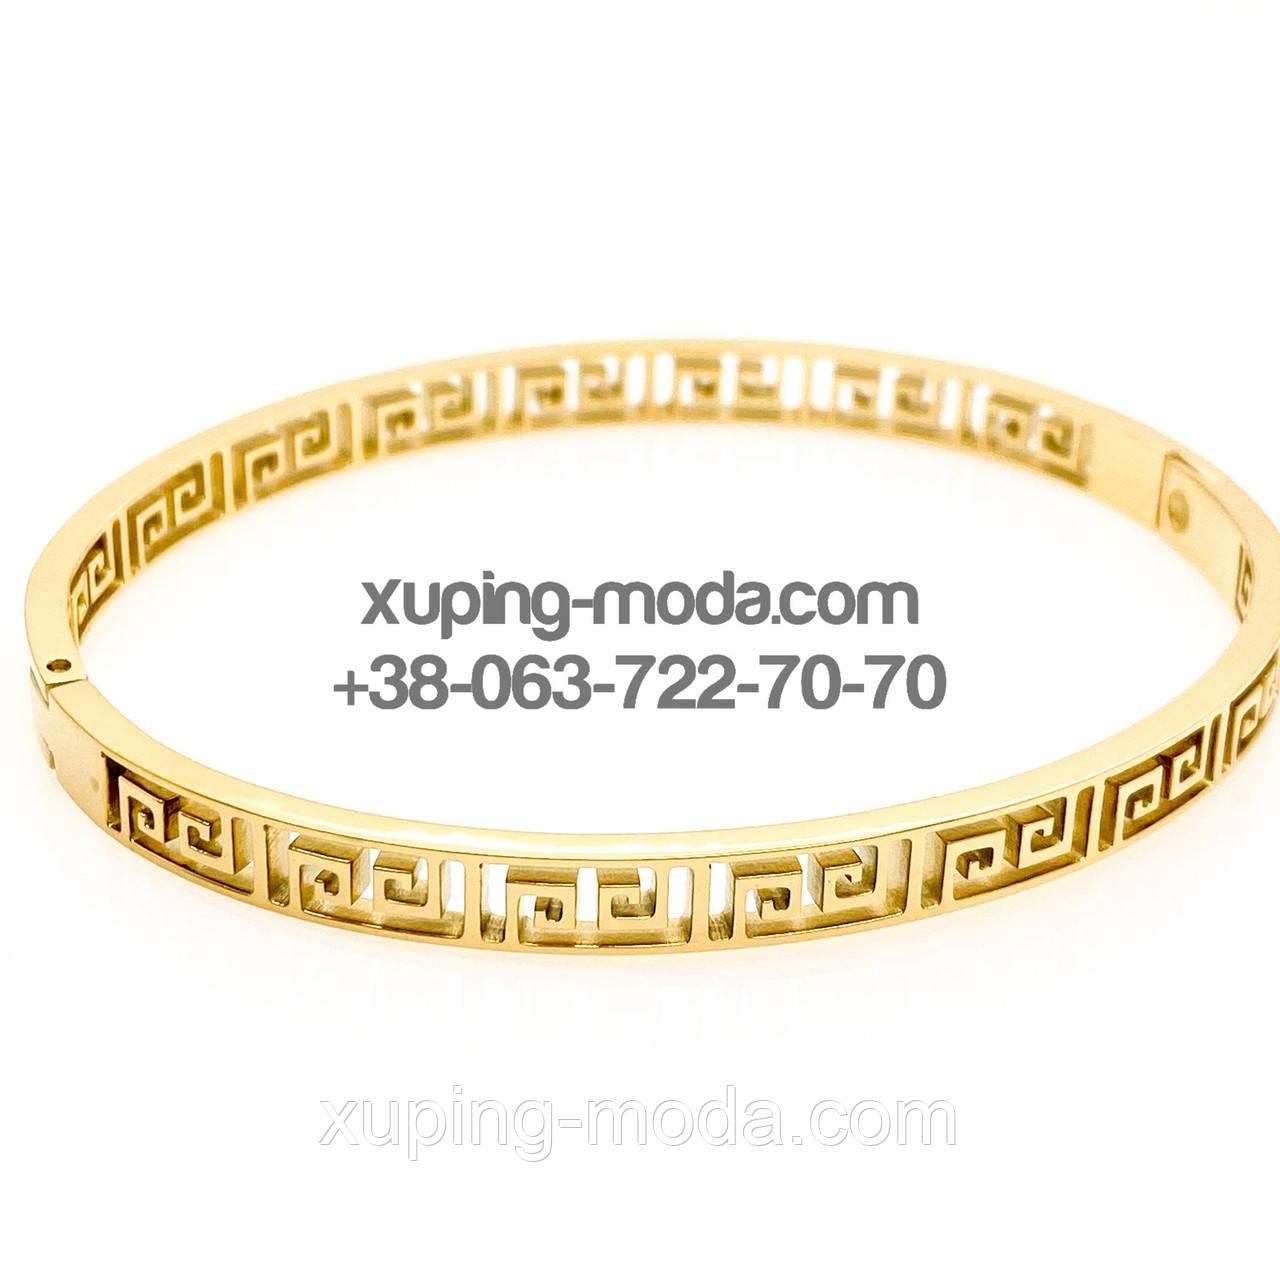 Красивый браслет позолоченный. Бижутерия версаче